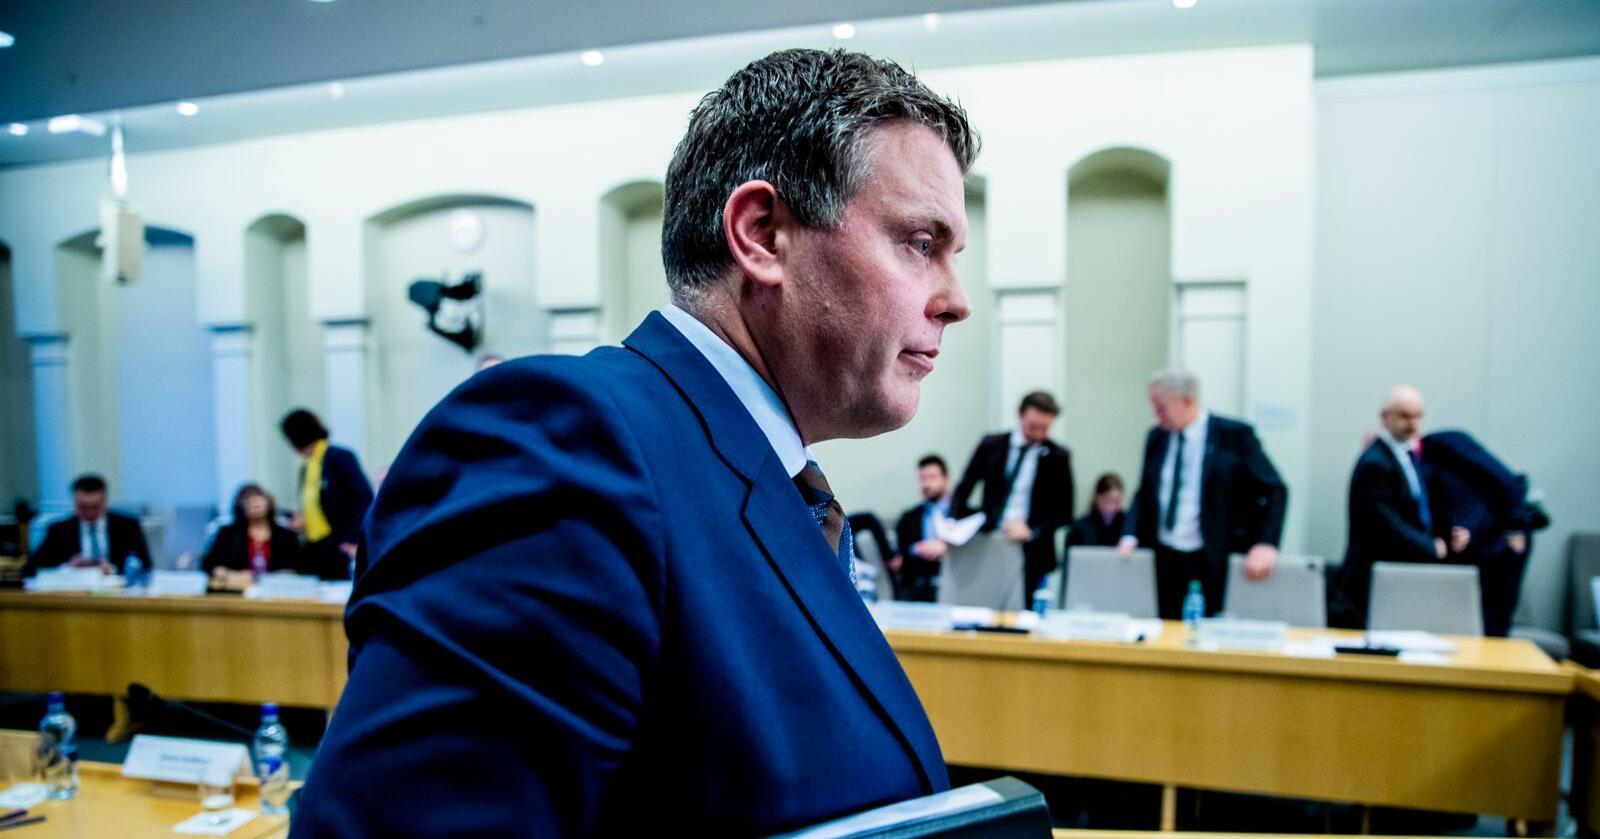 Bare dager etter at justis- og innvandringsminister Jøran Kallmyr (Frp) deltok i høringen om trygdeskandalen (bildet) må han igjen møte kontroll- og konstitusjonskomiteen på Stortinget. Tirsdag må han svare på hvorfor domstolene ikke klarer å behandle straffesaker raskt nok. Foto: Stian Lysberg Solum / NTB scanpix